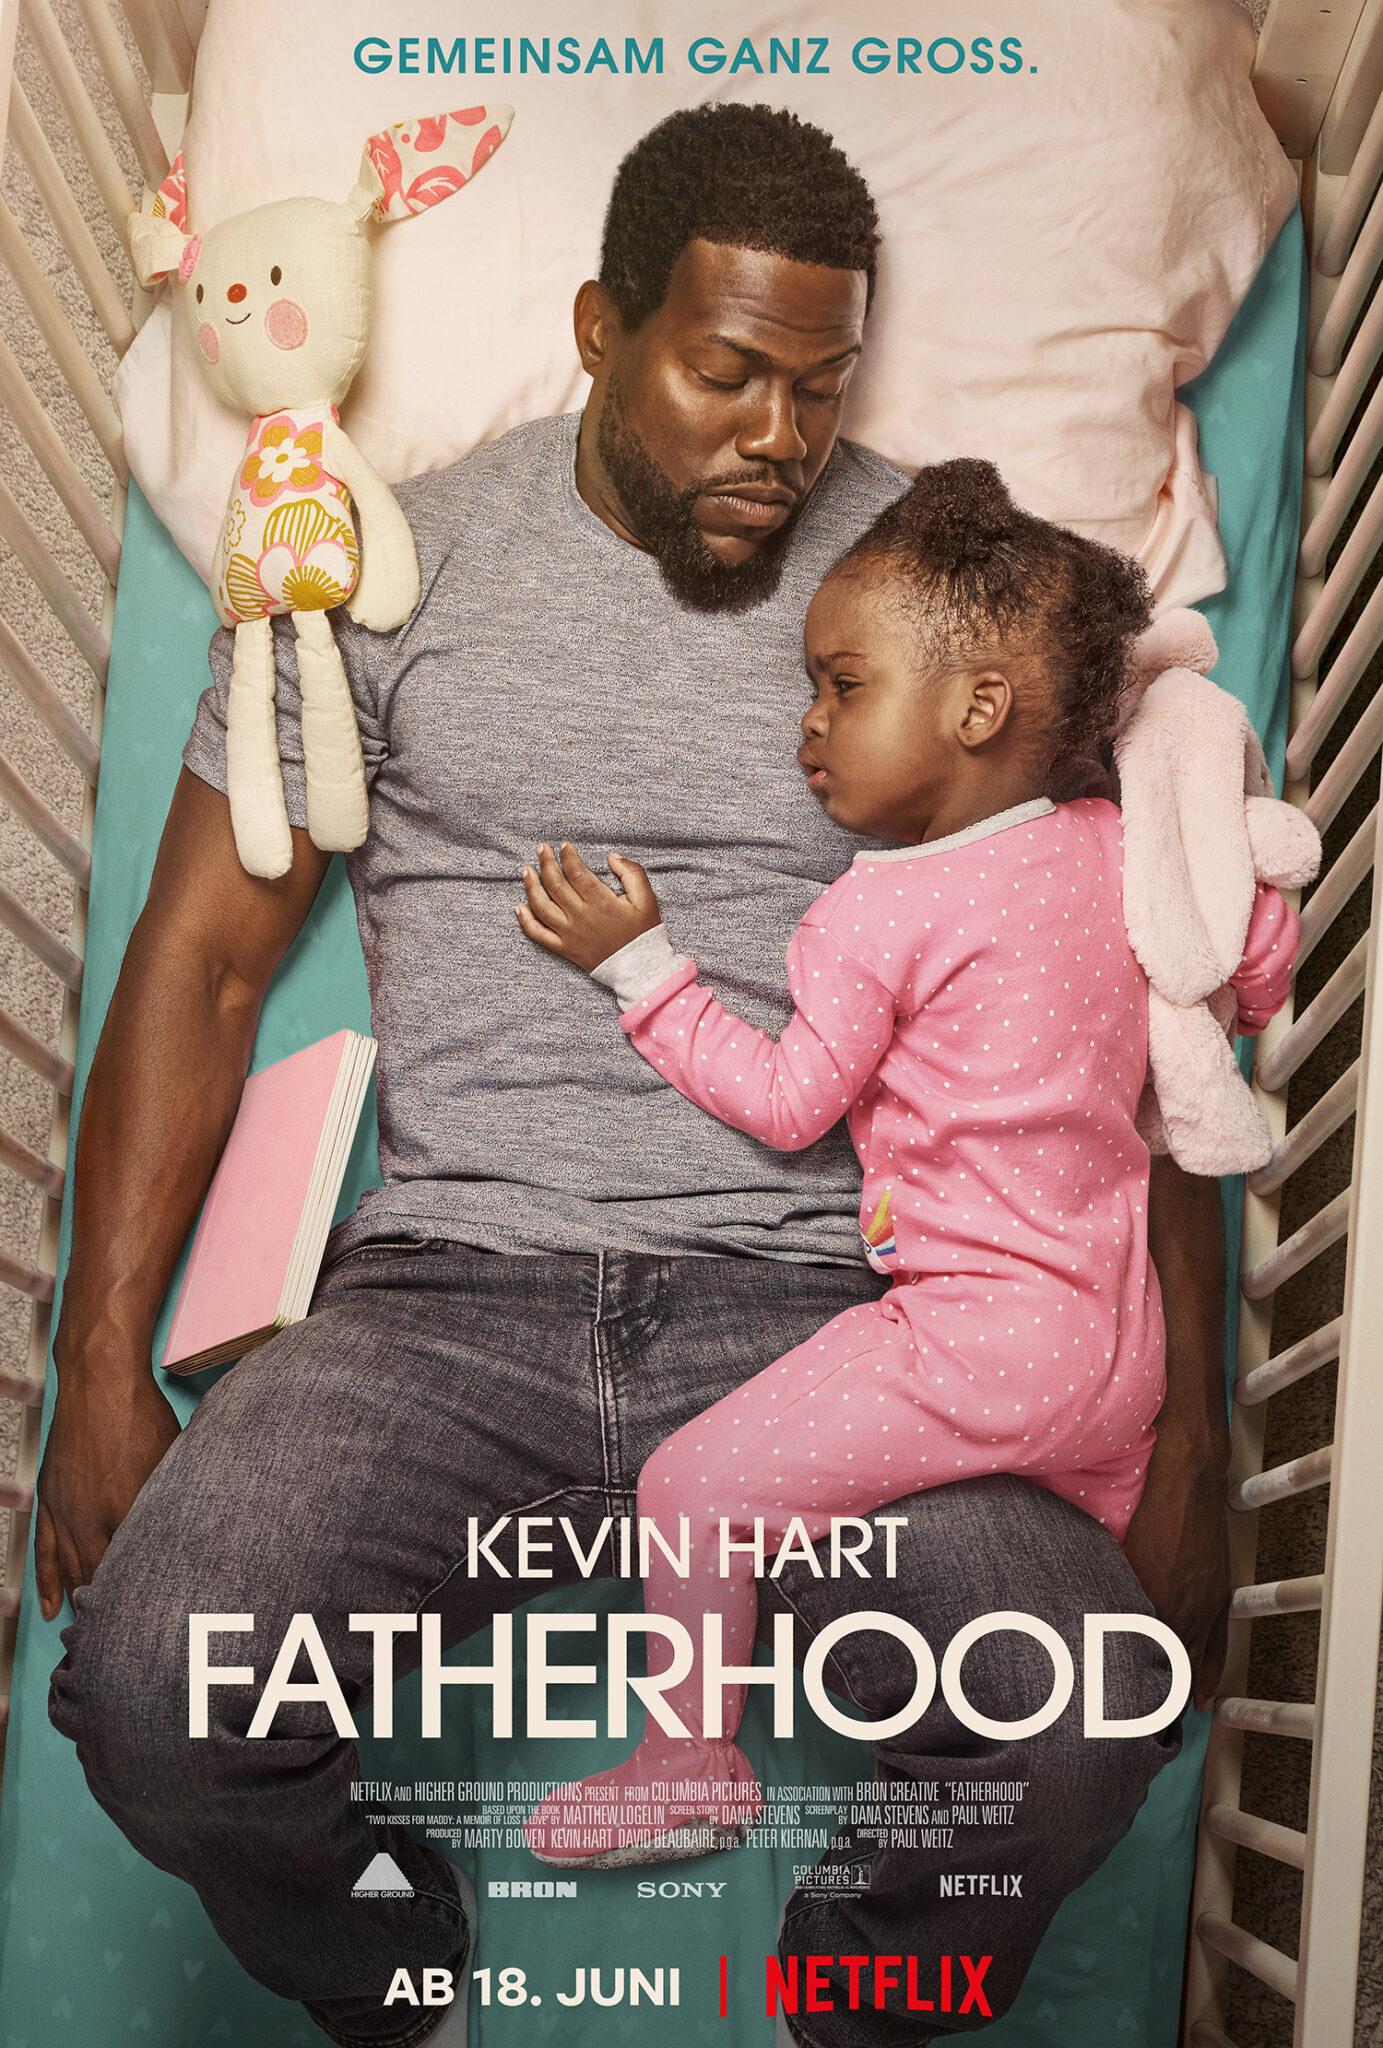 Das Poster zu Fatherhood zeigt Kevin Hart in einem Kinderbettchen schlafend mit der kleinen Tochter auf seinem Oberkörper liegend in einem rosa Strampler.